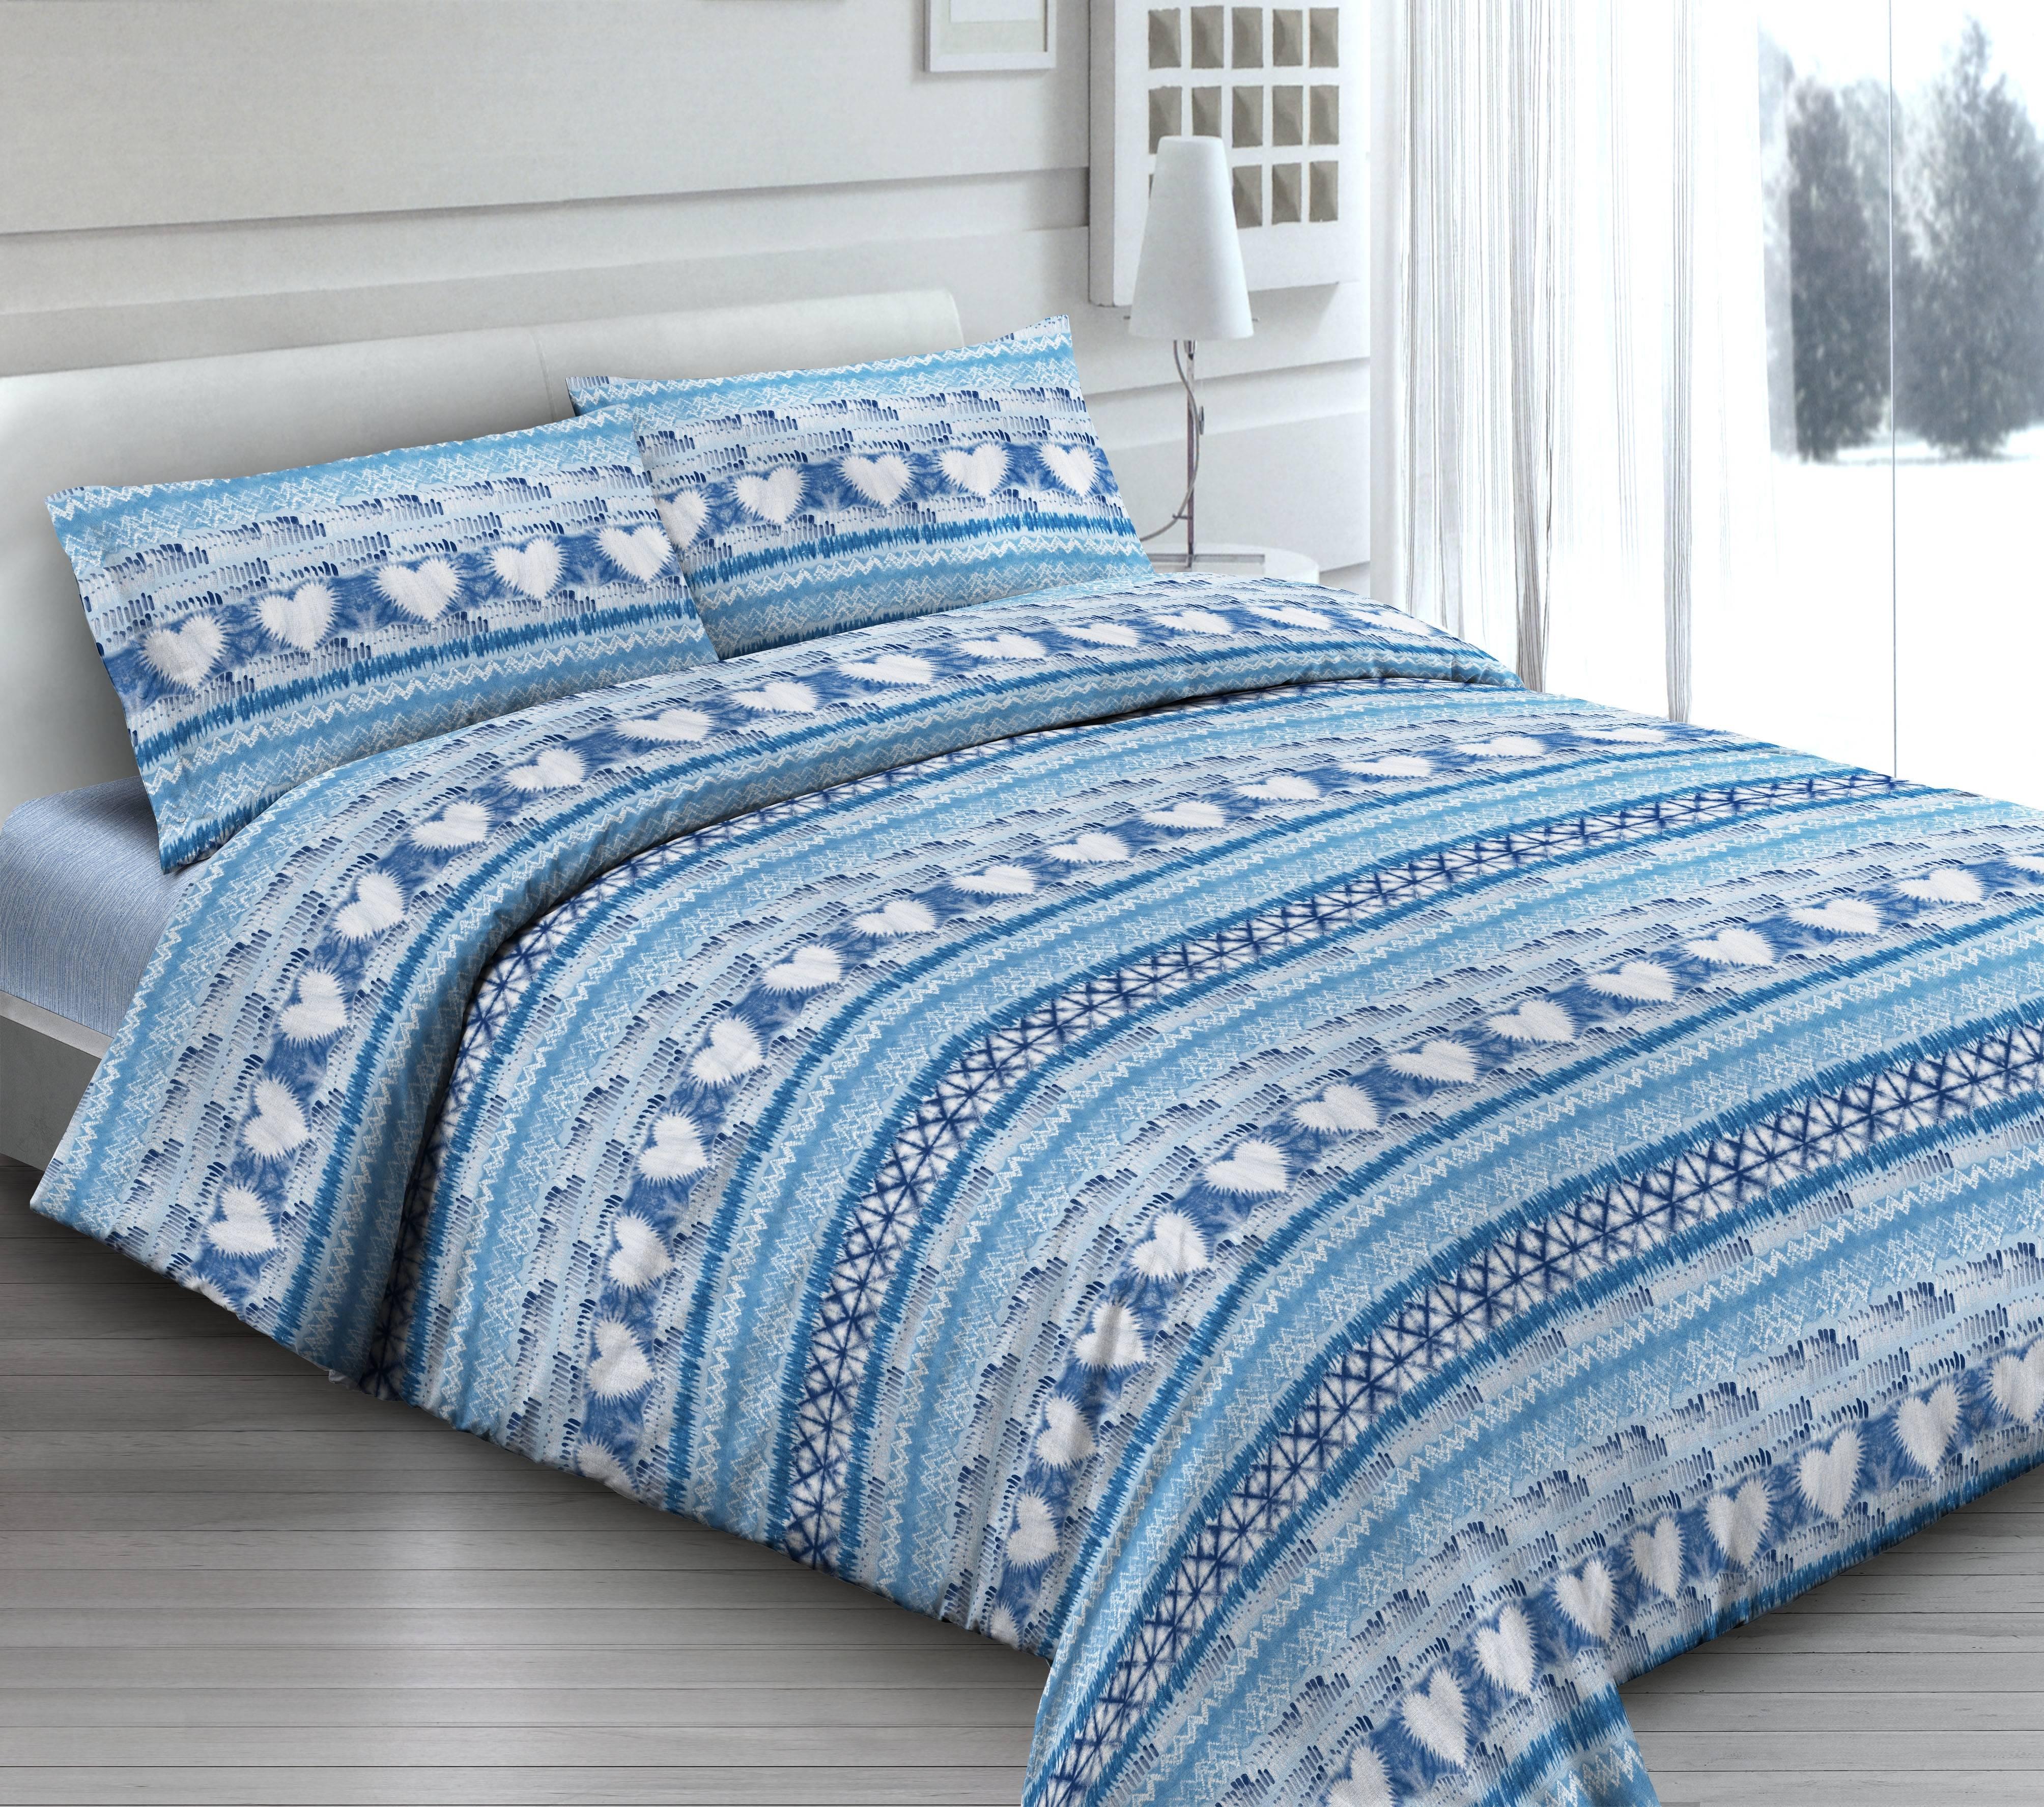 Rendi Unico Il Tuo Letto Con Lenzuola Effetto Batik Blu Made In Italy